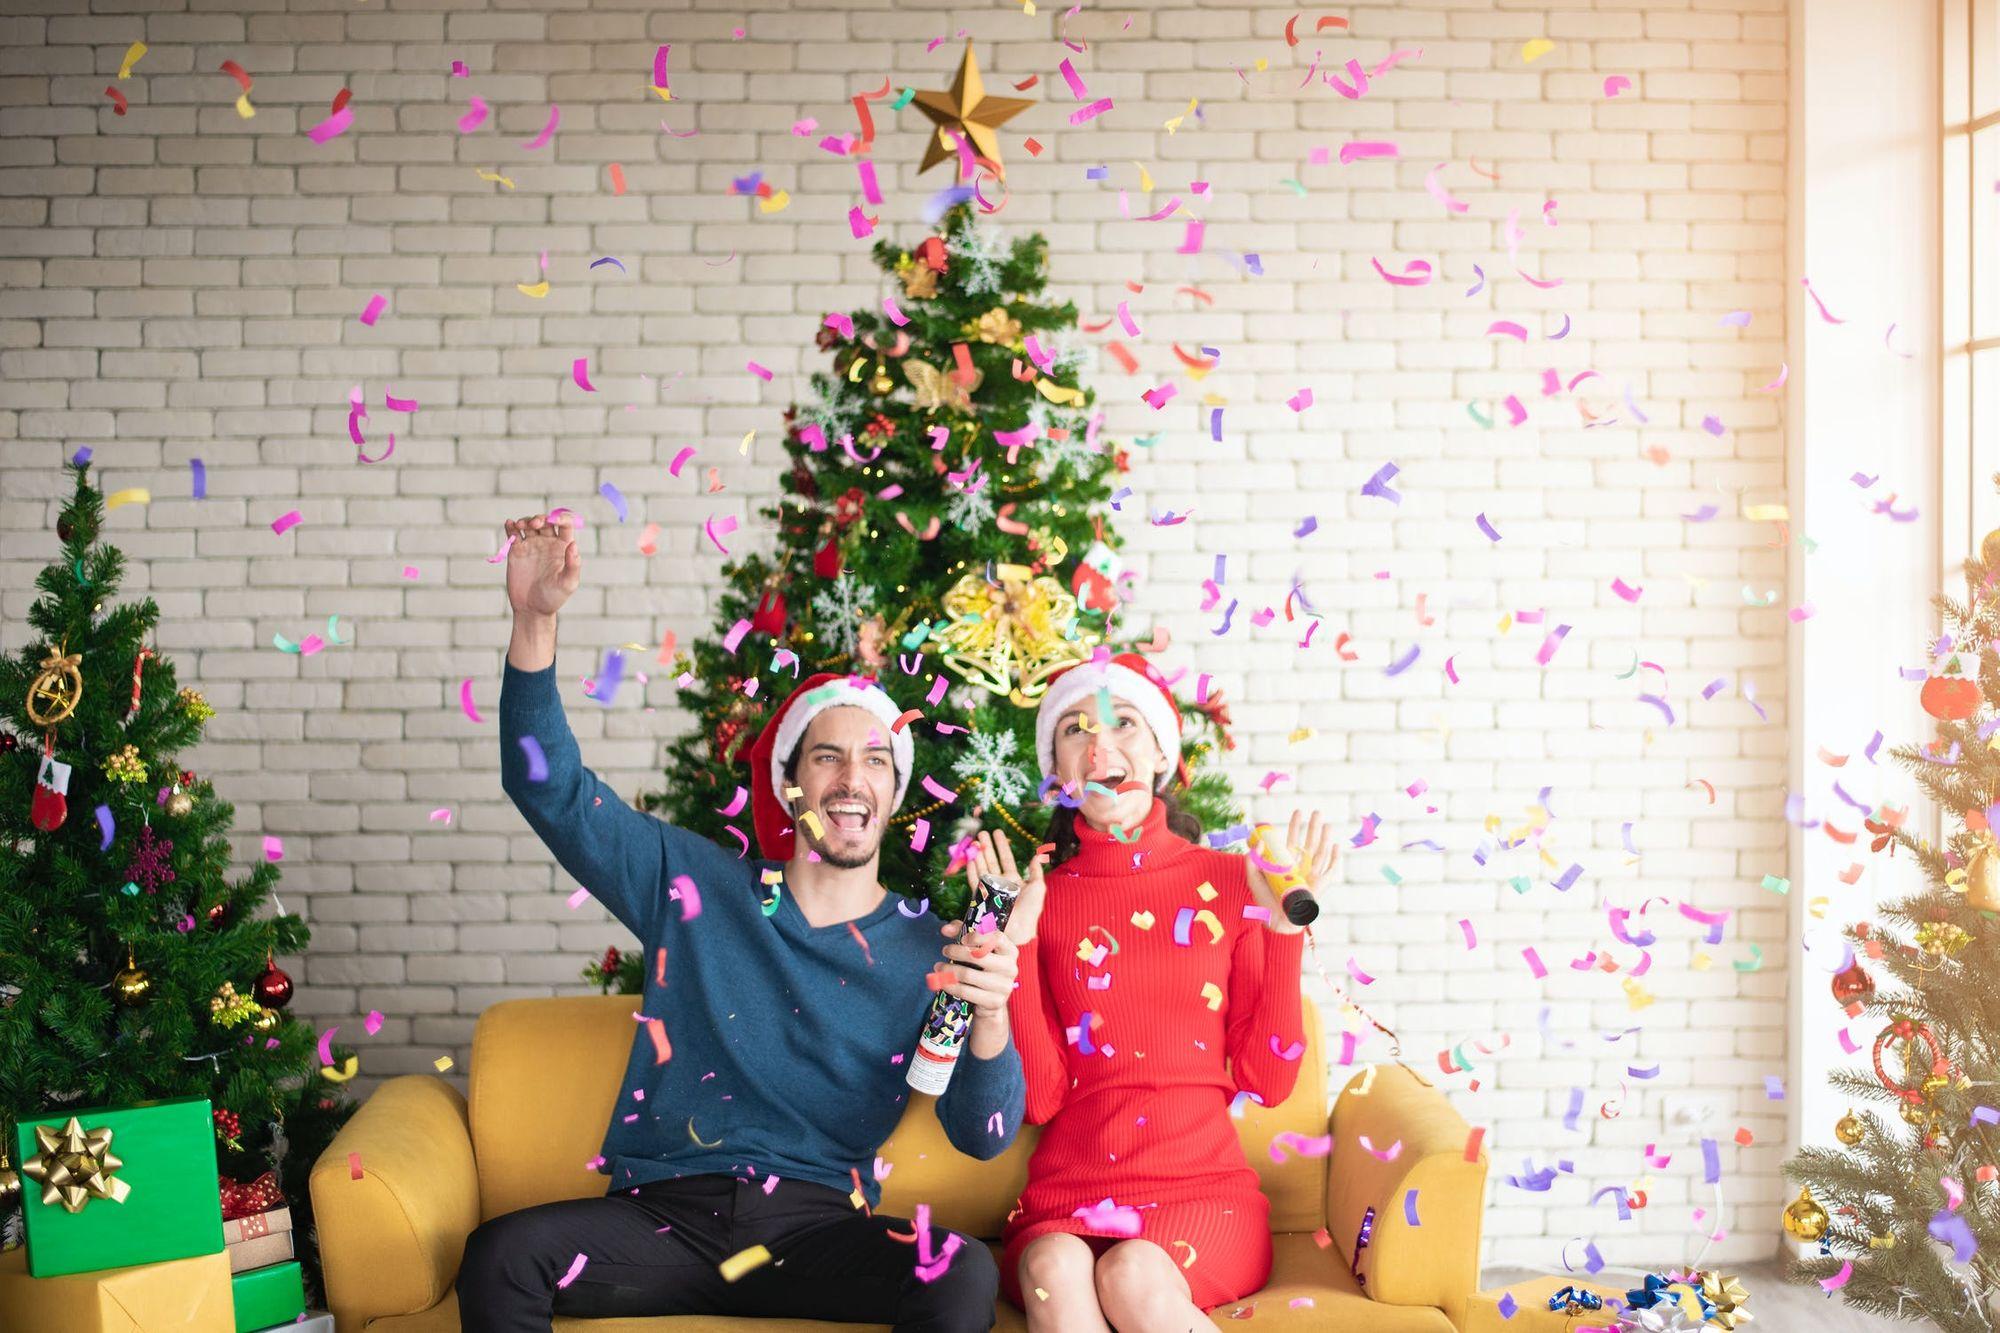 Alt Aktualisieren-Sie-Ihre-Hausbeschreibung-mit-Weihnachtsdetails, title Aktualisieren-Sie-Ihre-Hausbeschreibung-mit-Weihnachtsdetails